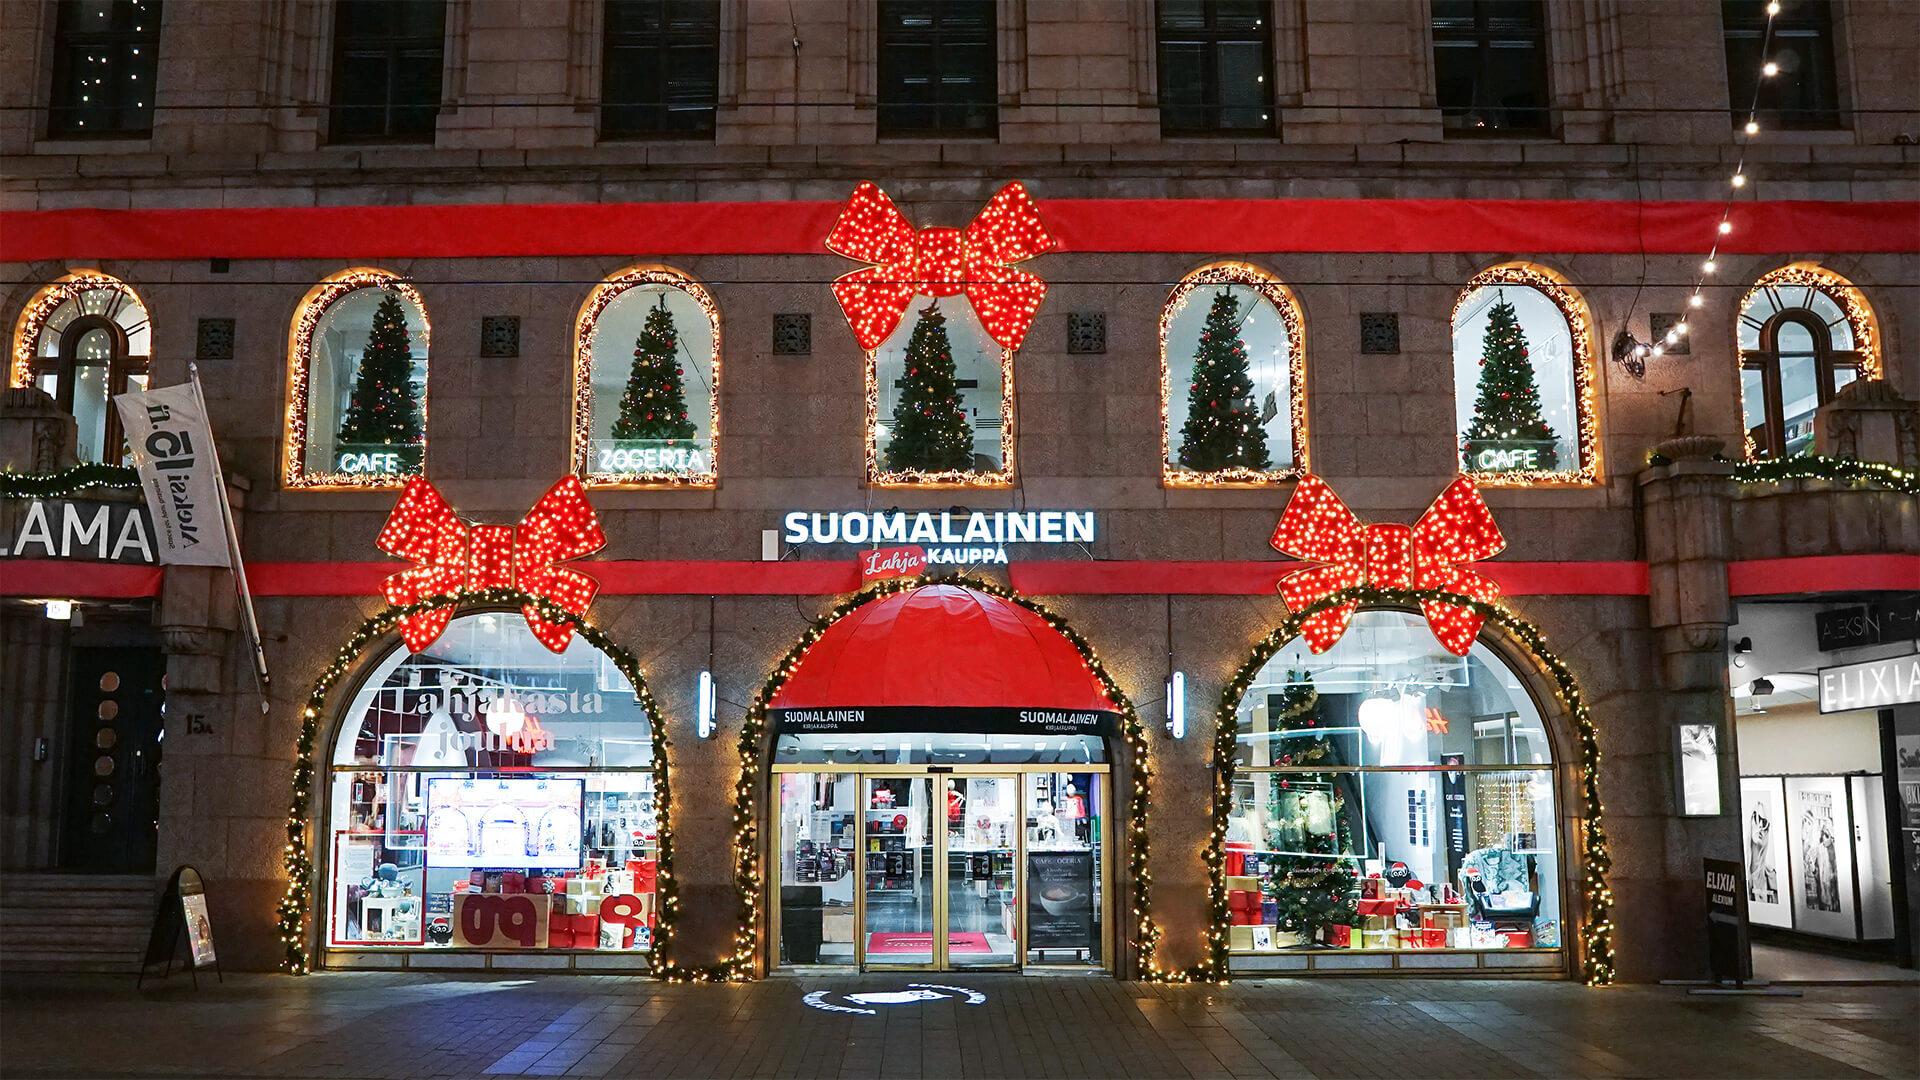 Suomalaisen kirjakaupan jouluinen visuaalisuus kuvattuna kadulta.